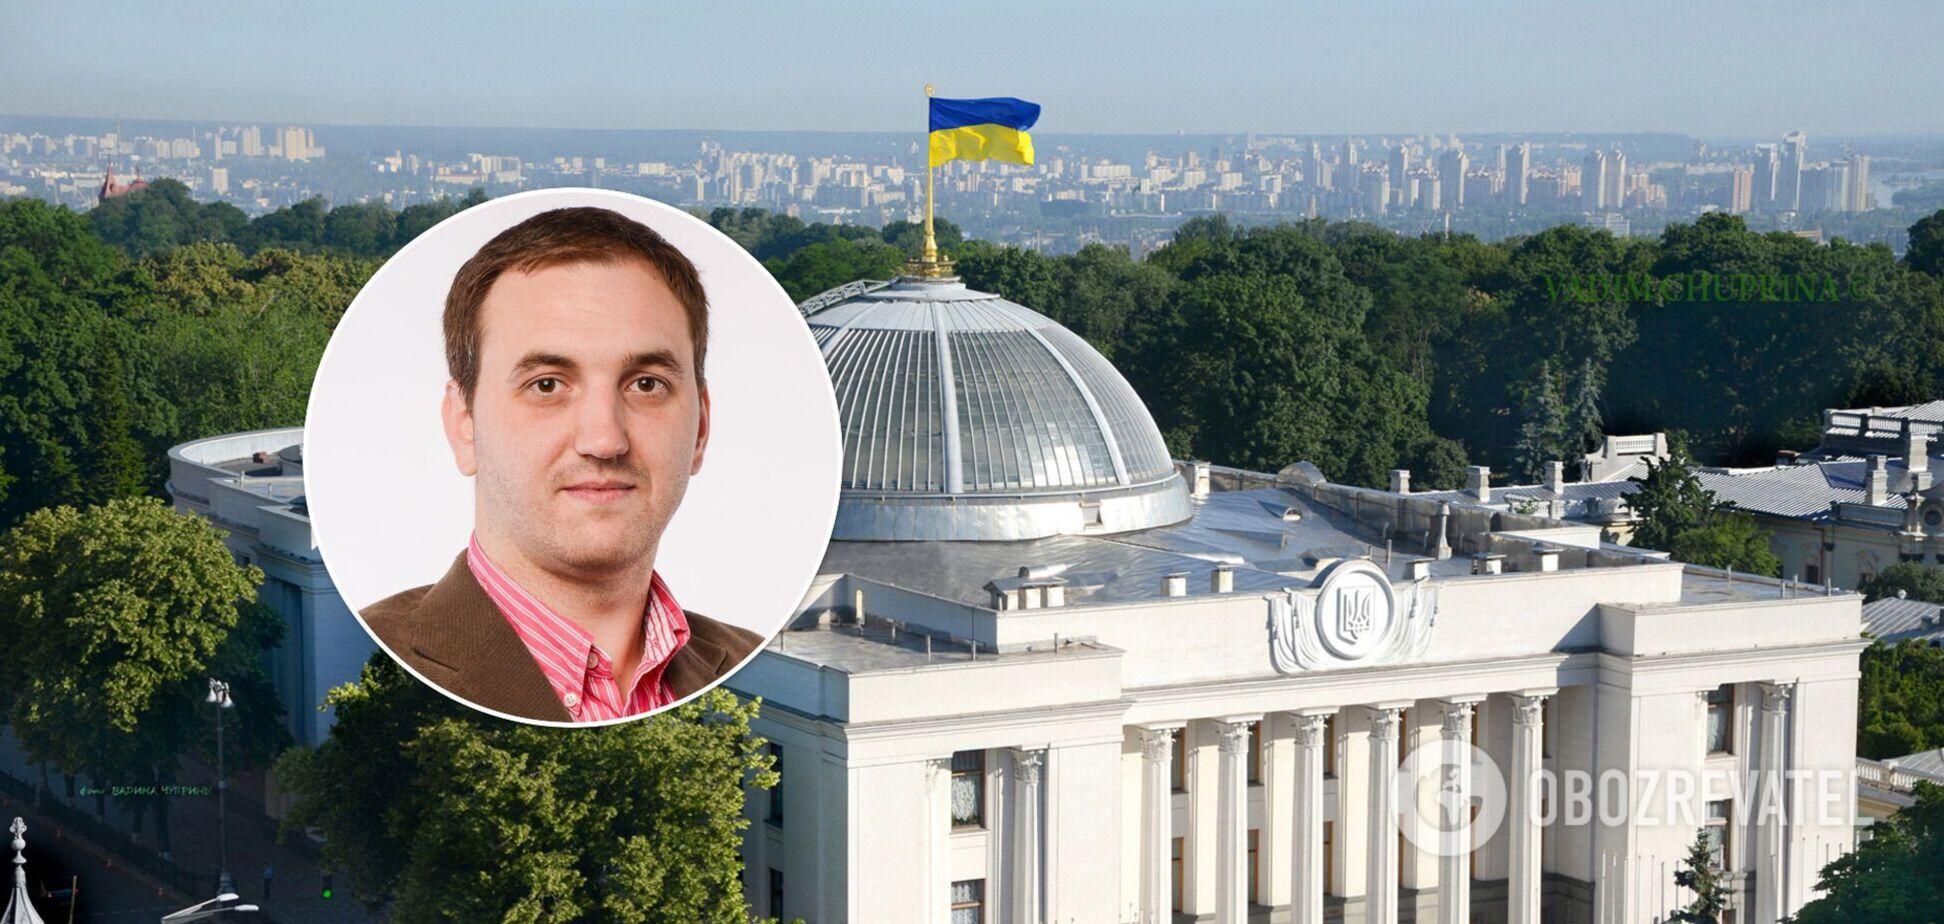 'Податковий' законопроєкт №5600 повинен ударити по олігархам, а не по бізнесу, – директор з комунікацій 'CASE Україна'